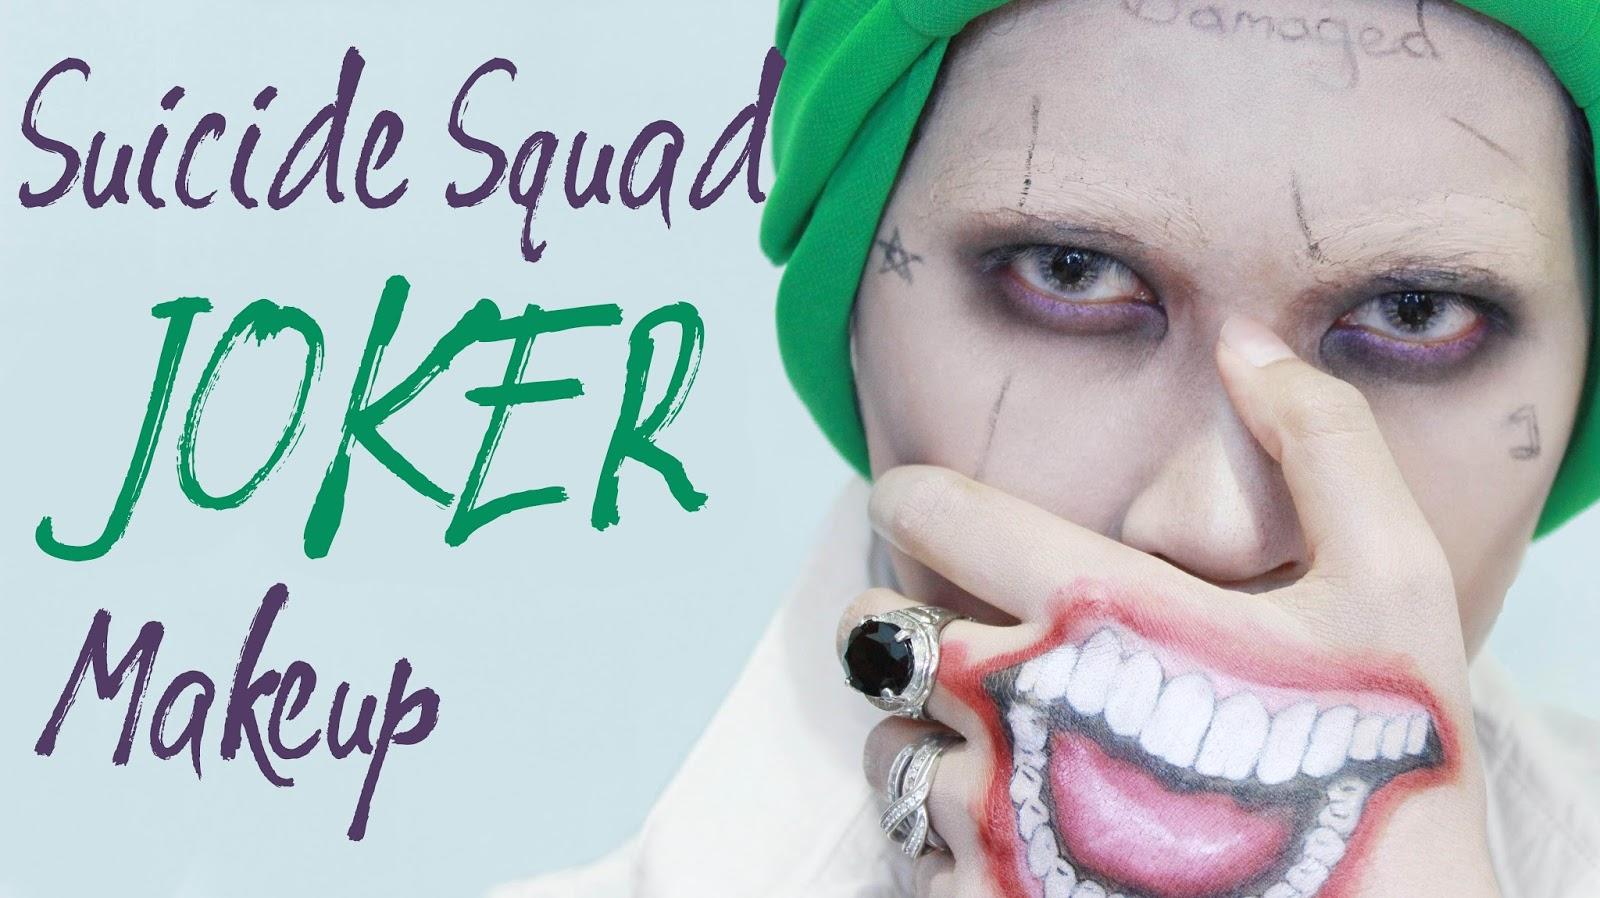 Tutorial Suicide Squad Joker Makeup - Joker-makeup-tutorial